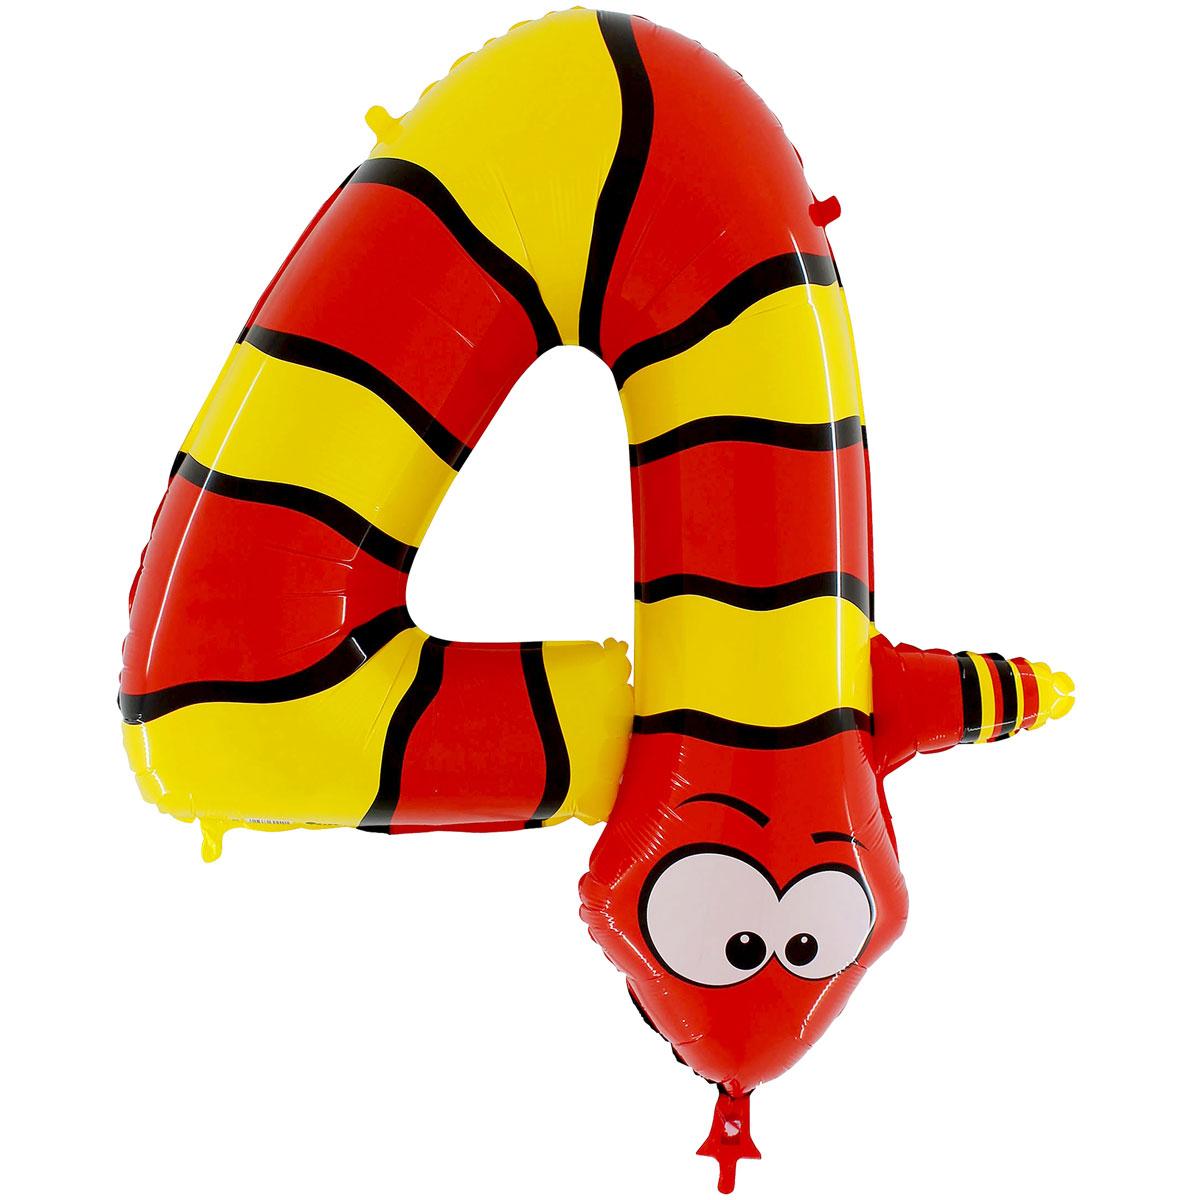 Festivitré Https Fournisseur Ballon Decoration.com Wp Content Uploads 2018 09 Animaloons 4 Snake